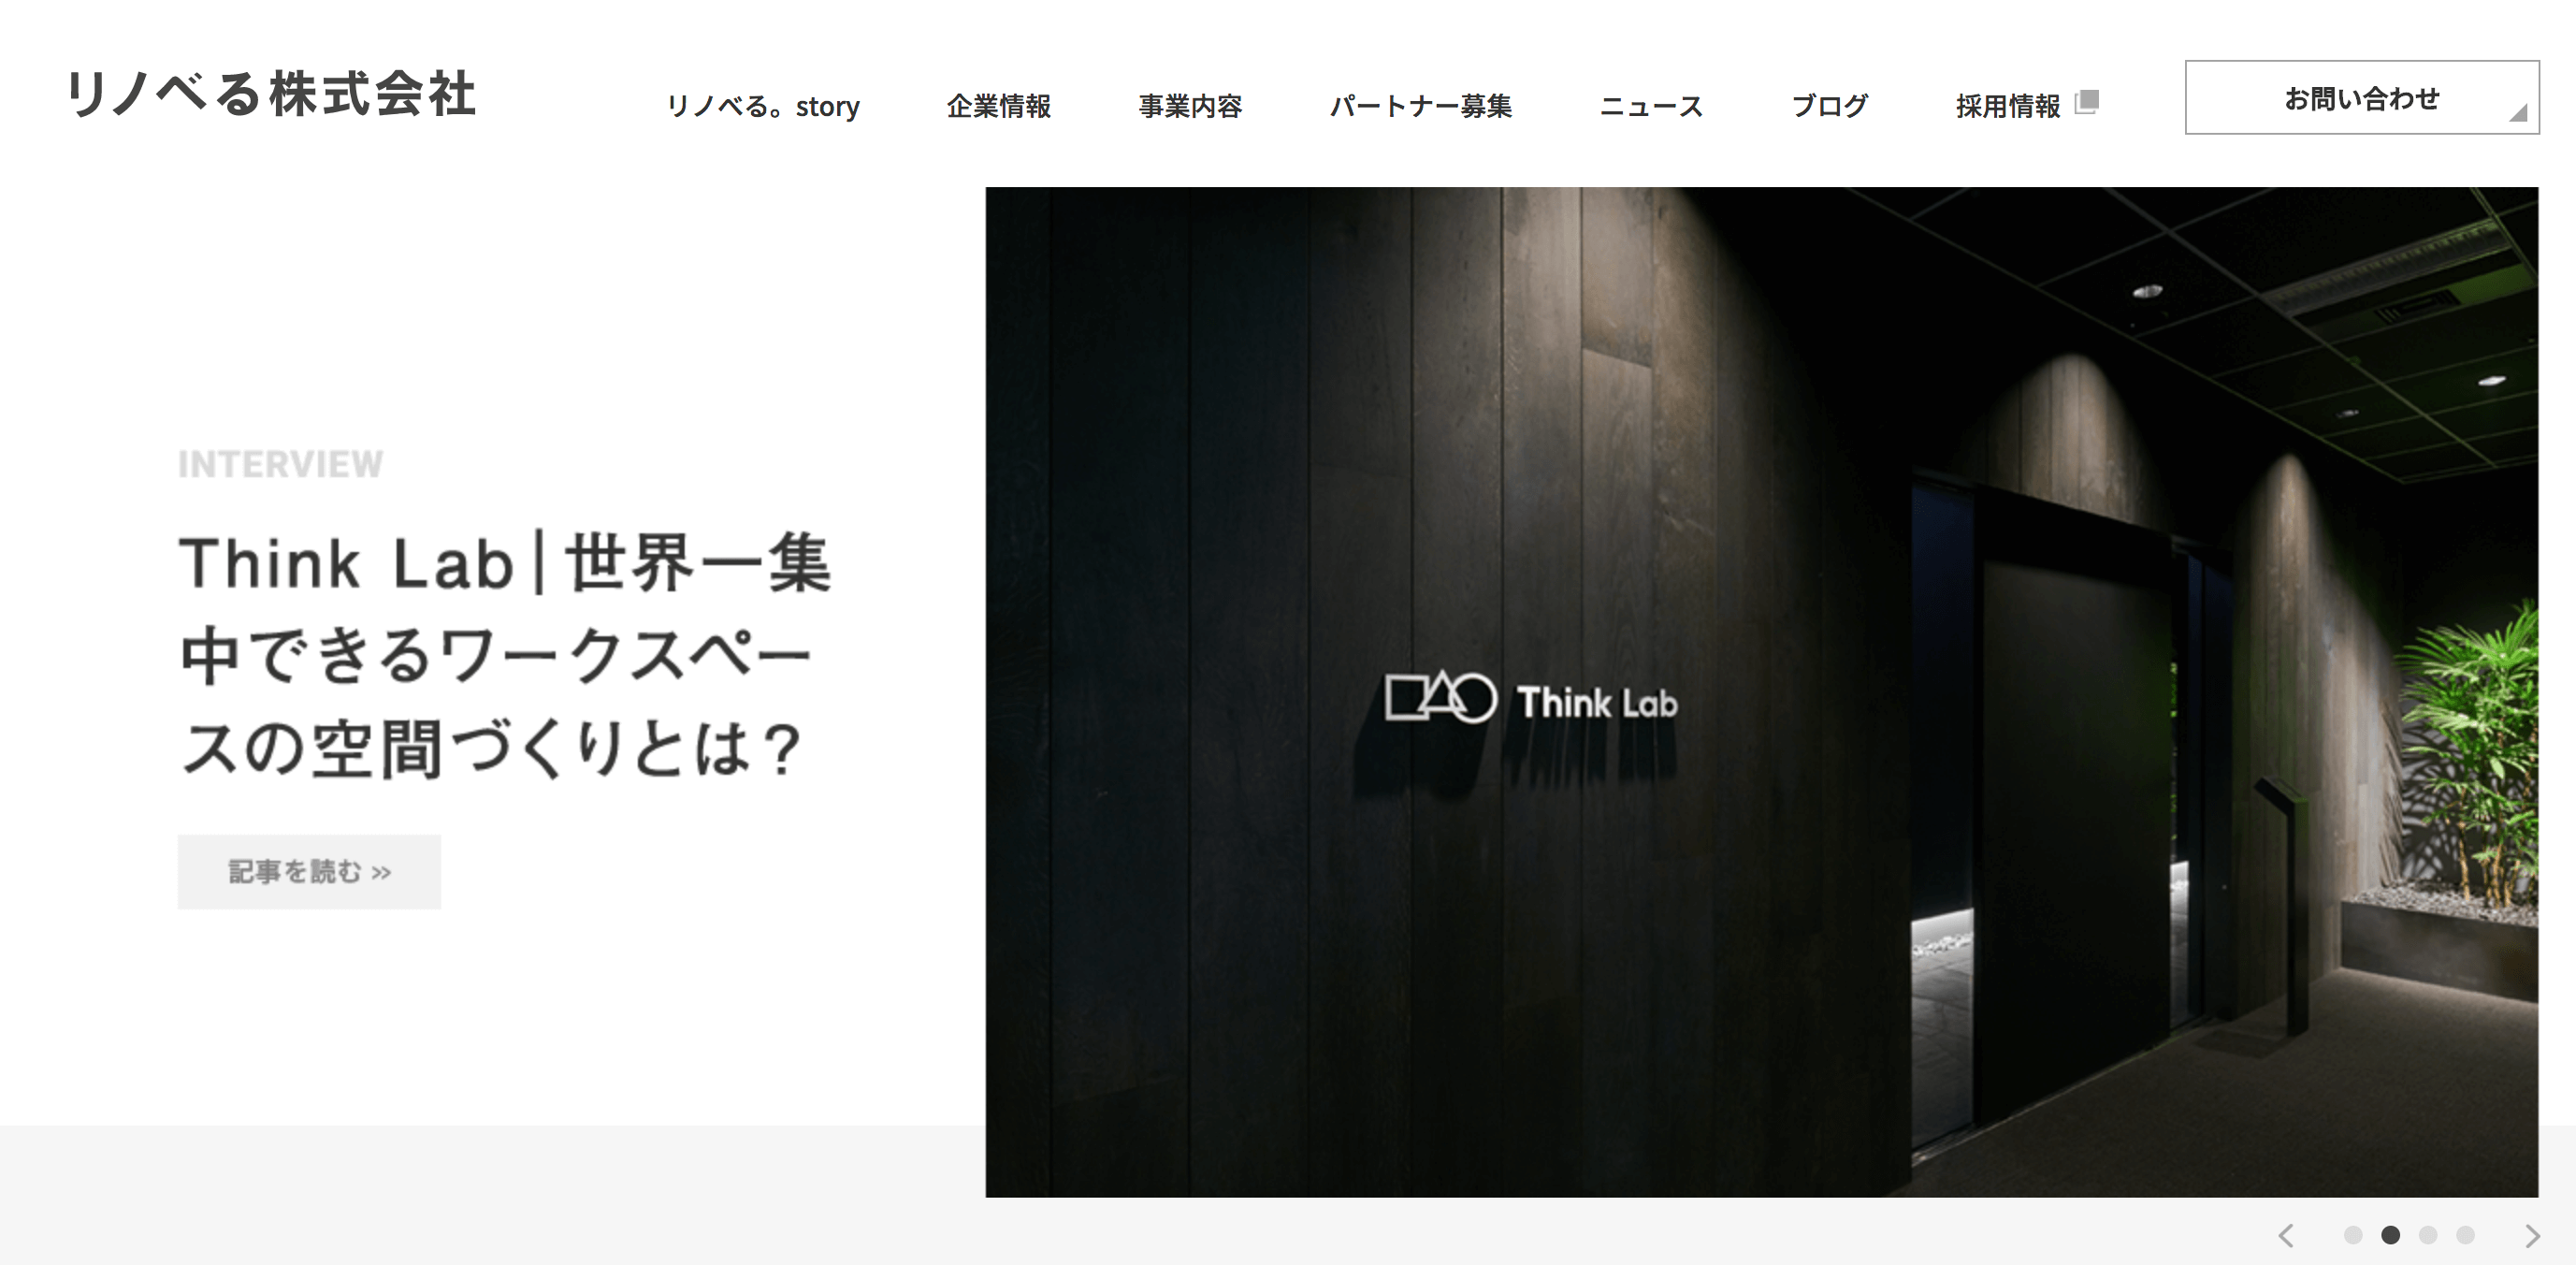 大阪でリノベーションを依頼できる会社8選【各会社の特徴を解説】